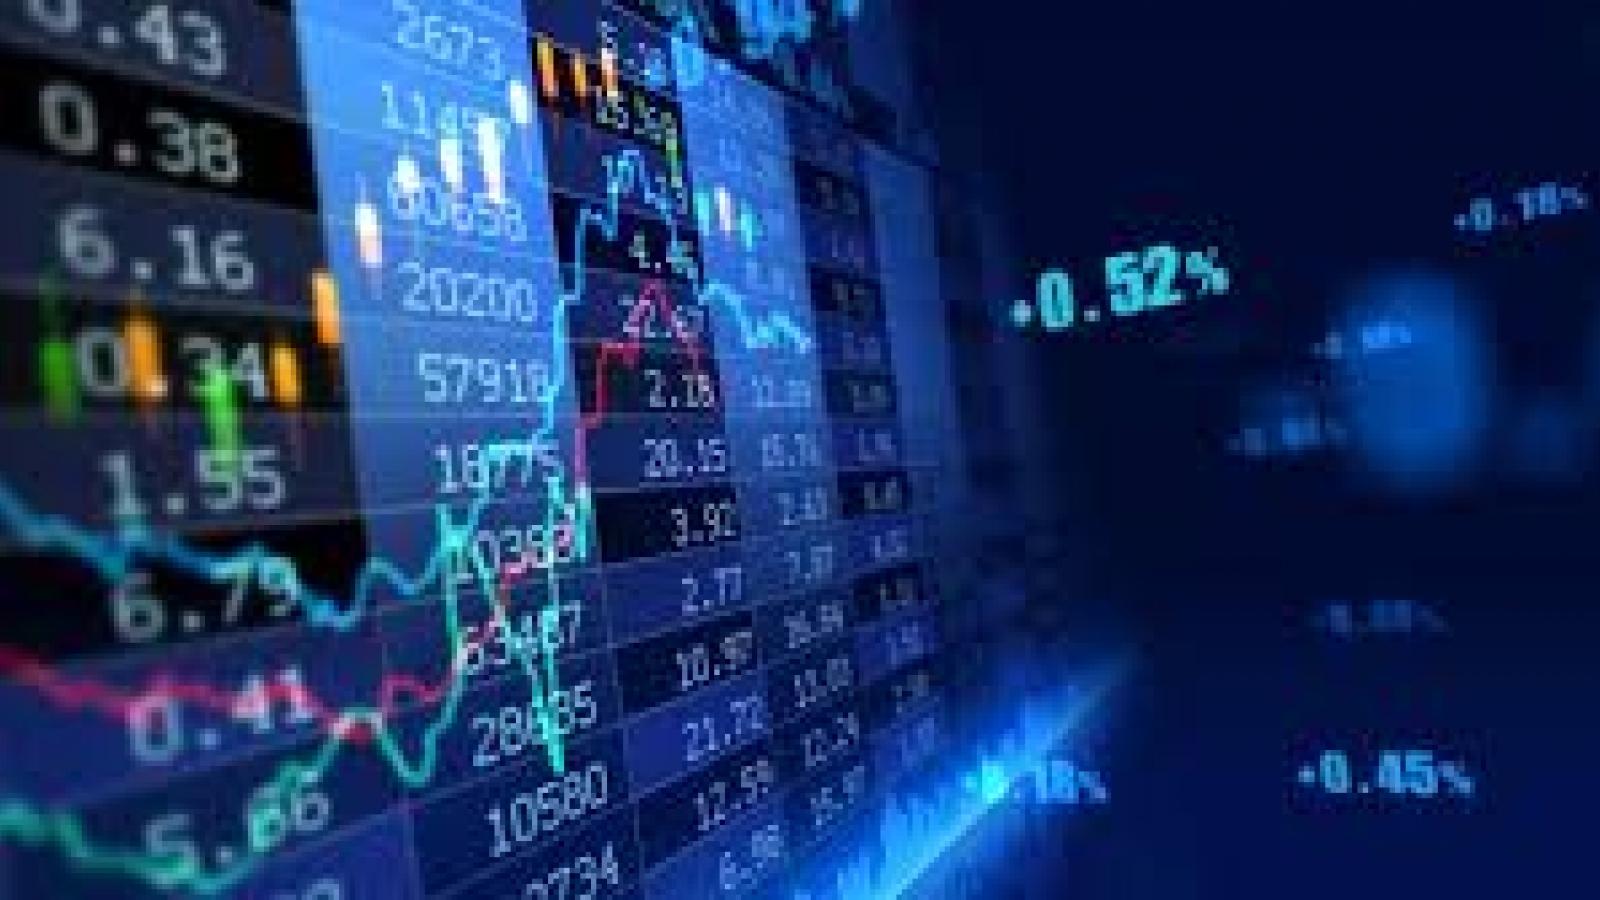 Nhóm cổ phiếu ngân hàng, chứng khoán, thép… có thể sẽ hồi phục chậm